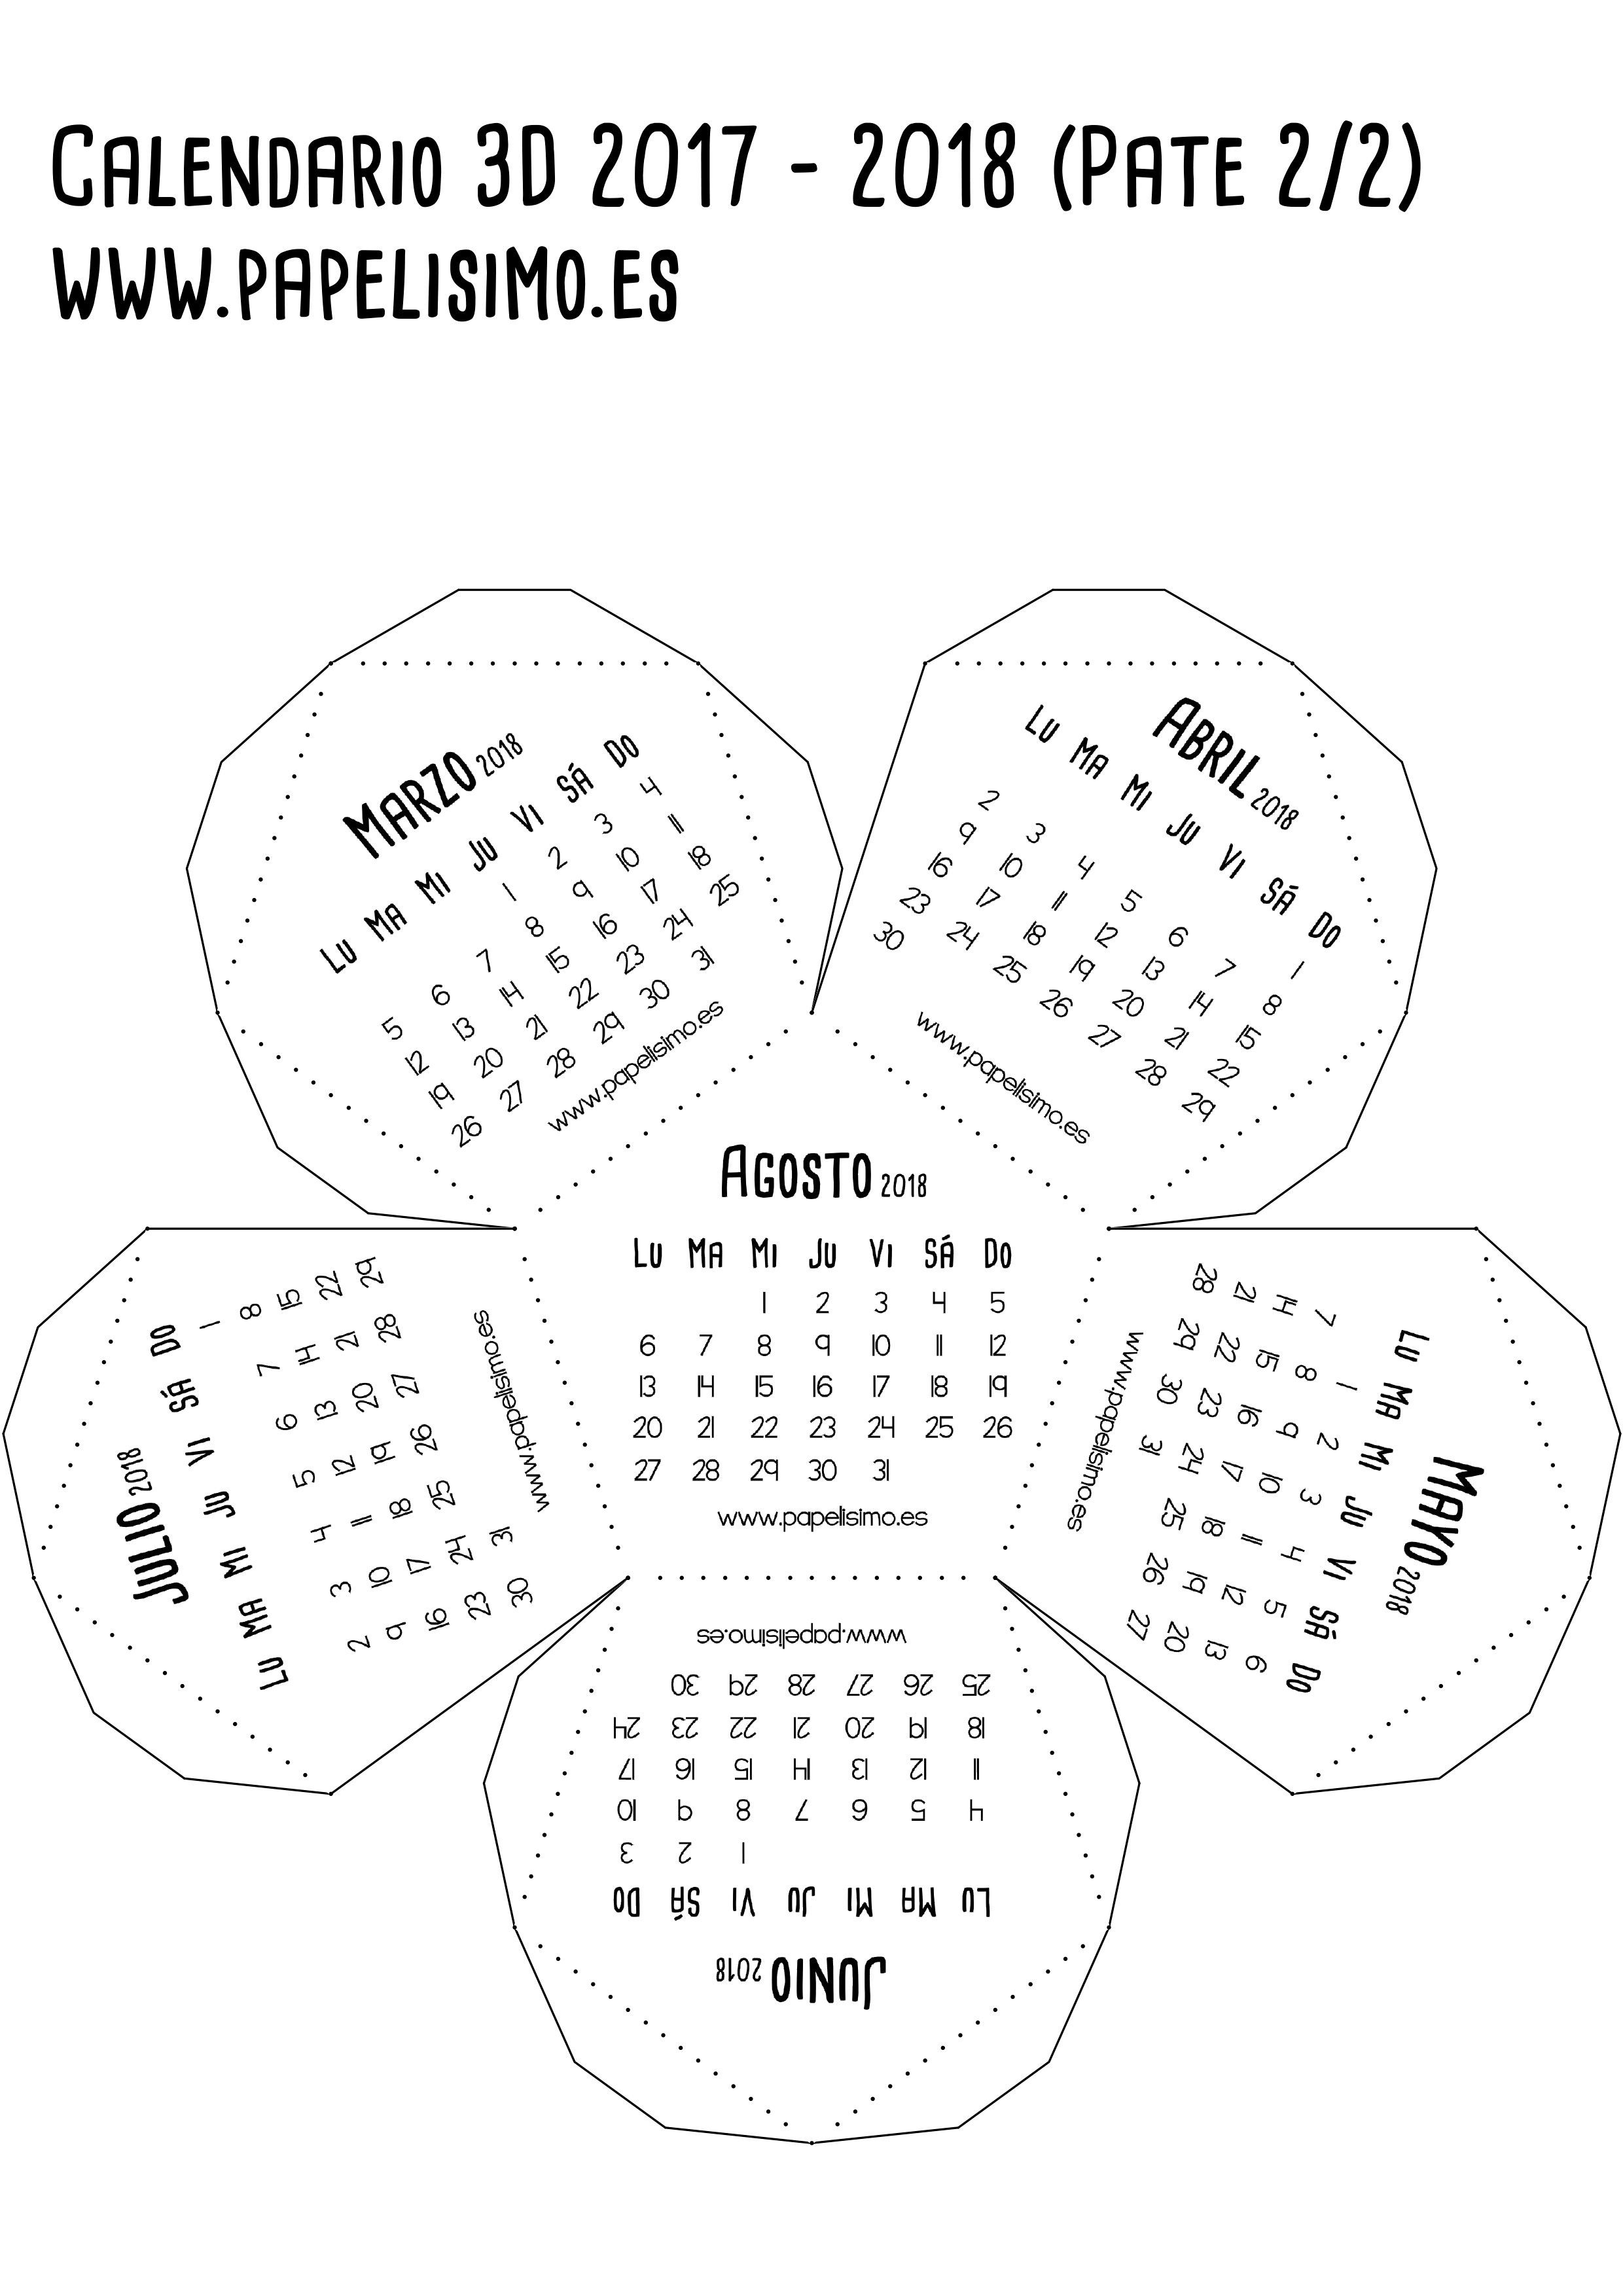 Imprimir Calendario En Outlook Más Caliente Pin by Marlon Yoel On Lokk Pinterest Of Imprimir Calendario En Outlook Recientes 37 Best Escritorio Images On Pinterest